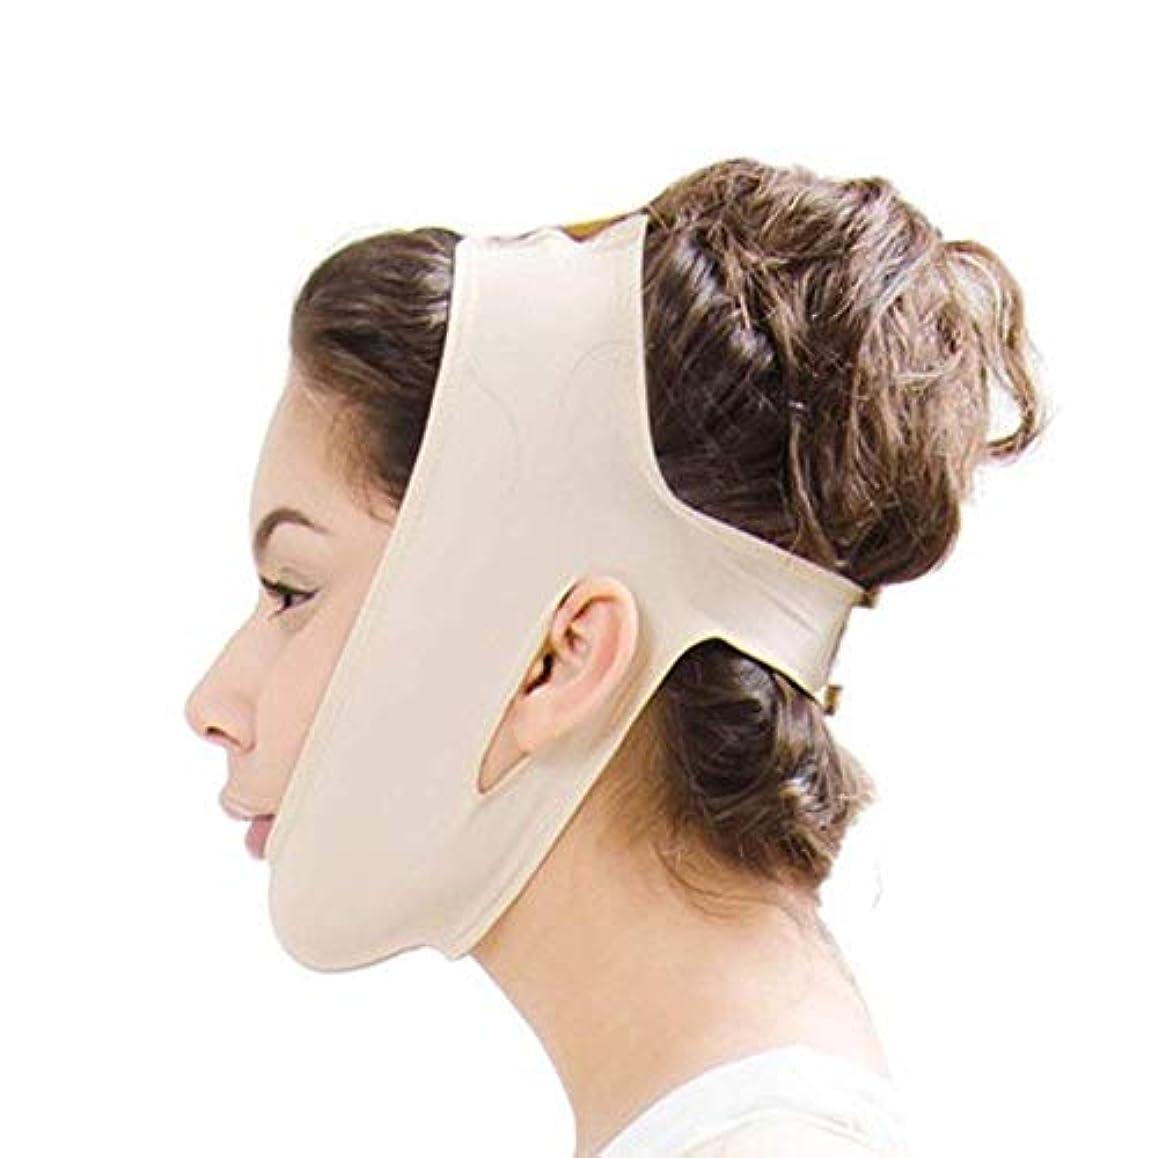 脈拍大理石かわいらしいフェイスリフティングマスク、フェイスダブルチンコンプレッションシンスモールVフェイスバンデージヘッドギアリフティングファーミングスキン(サイズ:M)